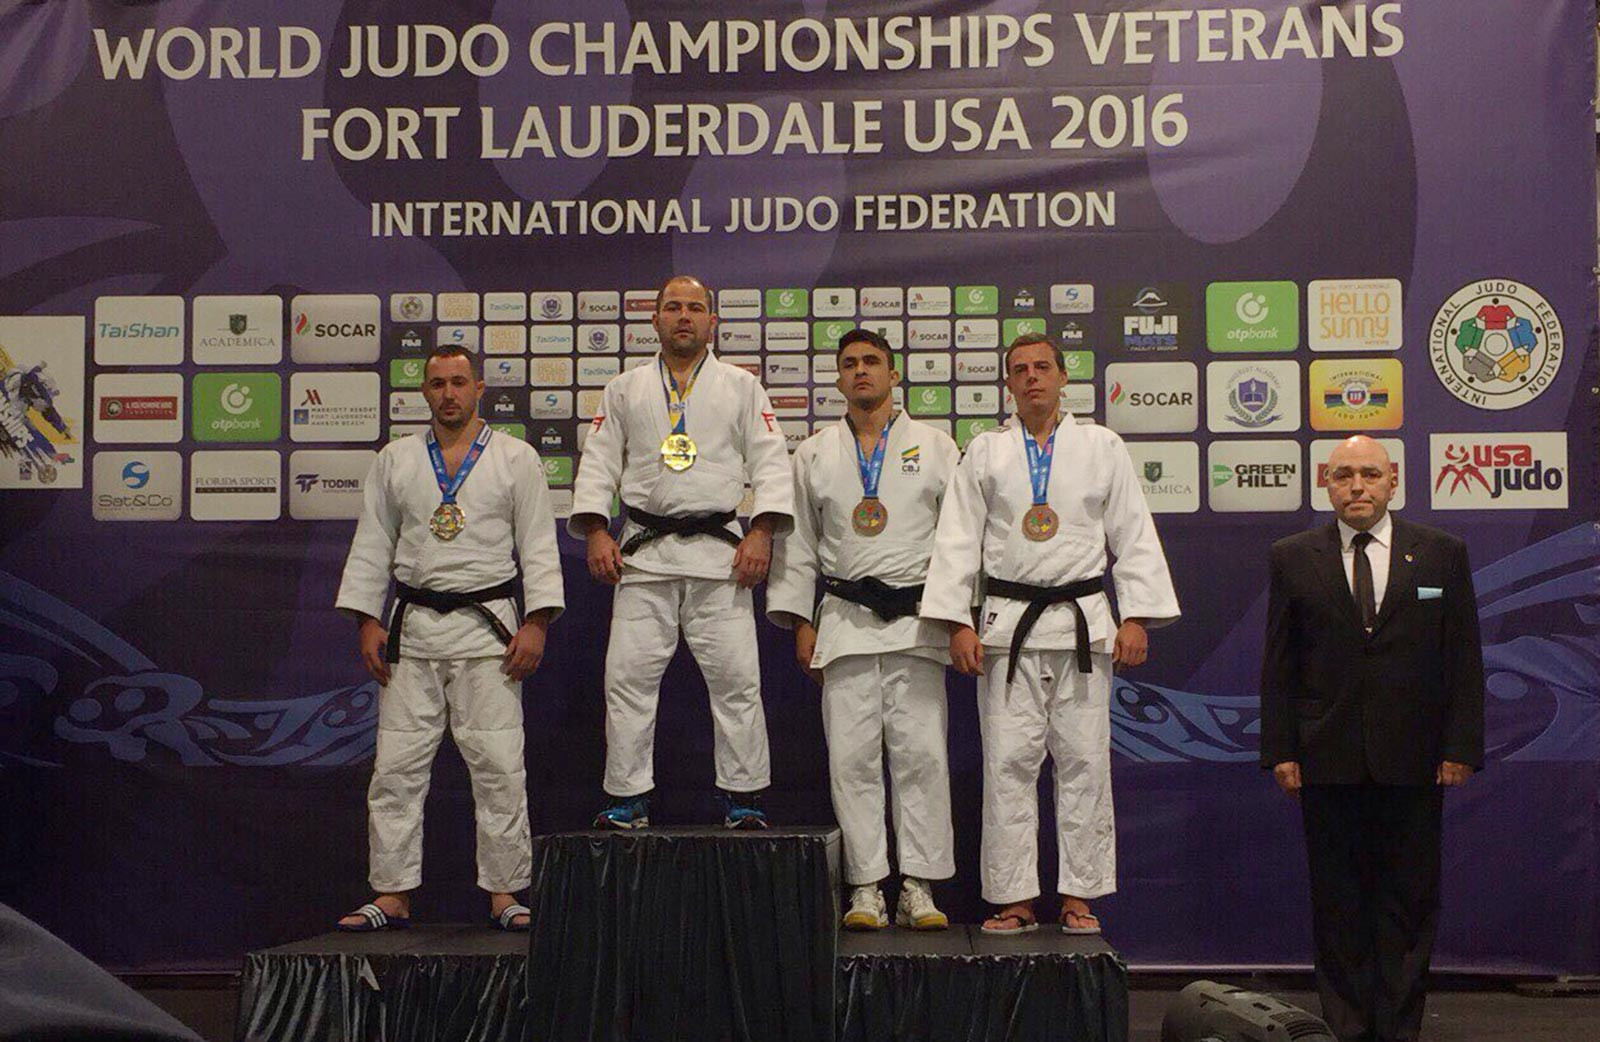 Завідувач кафедри Дніпропетровського державного університету внутрішніх справ Сергій Балабан став чемпіоном світу з дзюдо